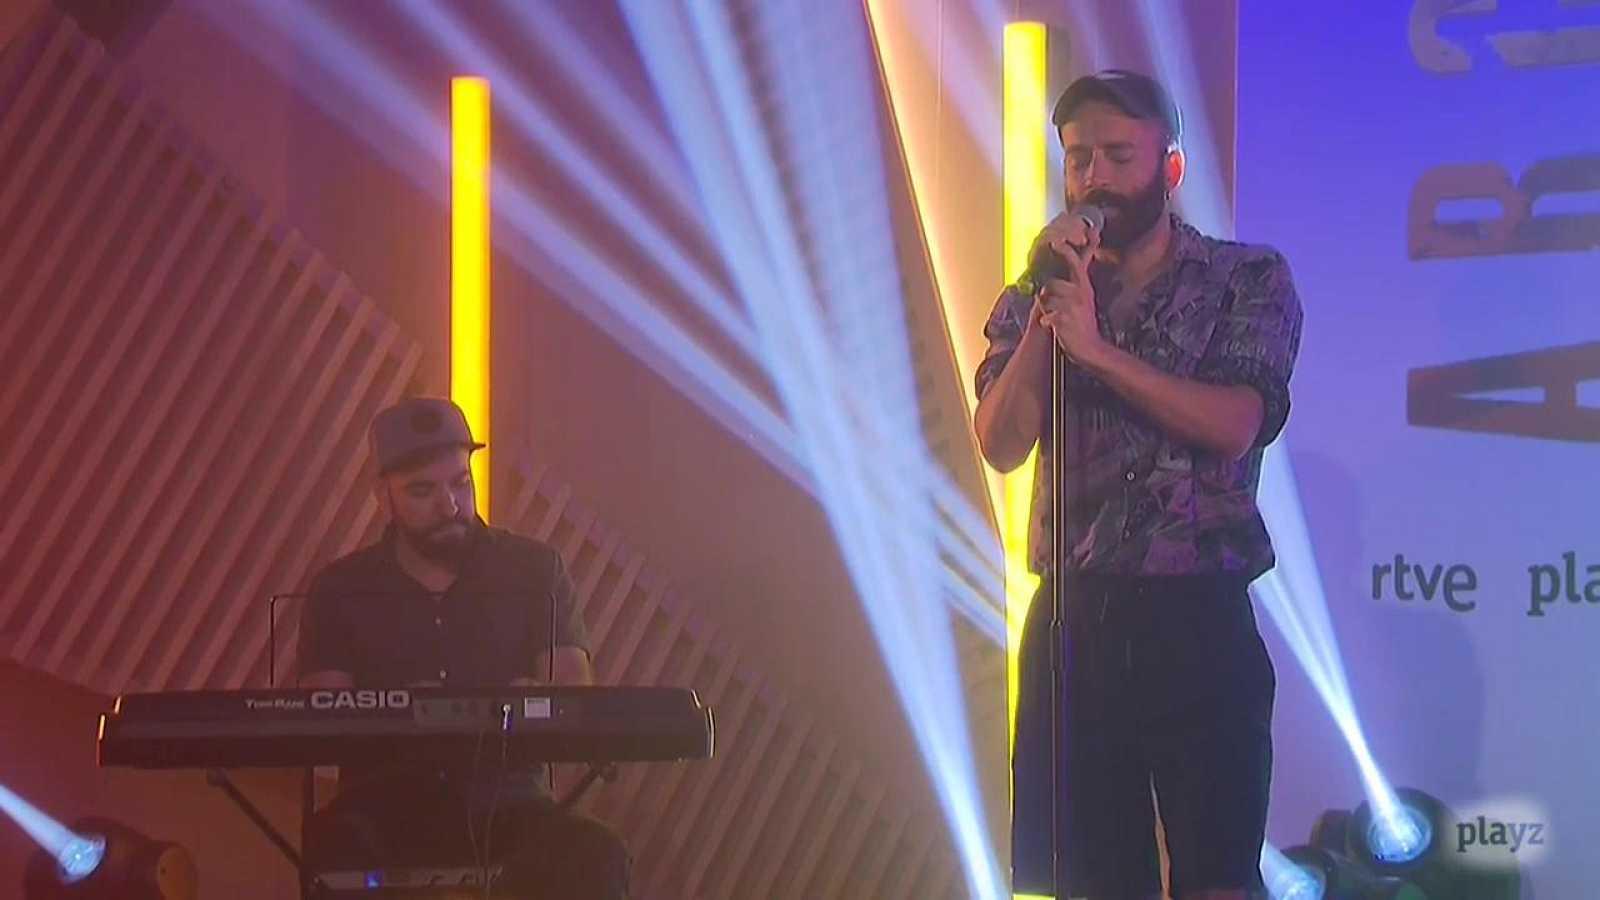 """Nosotrxs Somos - Víctor Algora canta """"Nosotrxs Somos"""""""